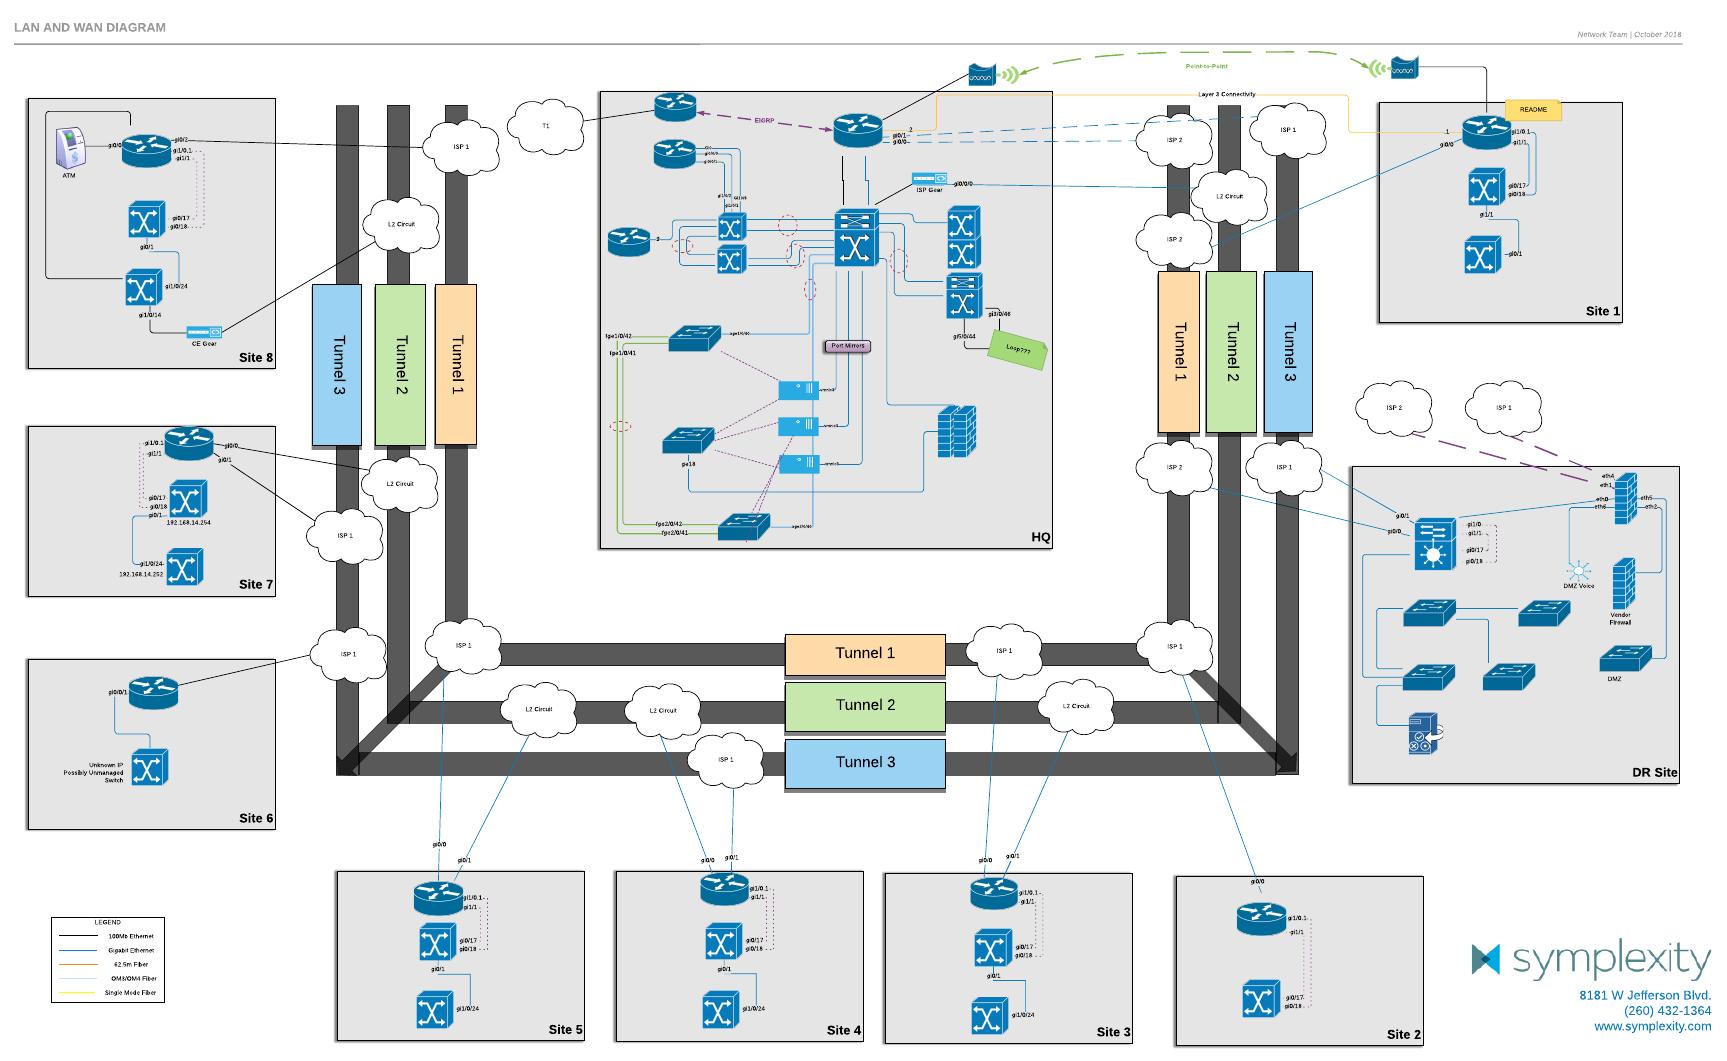 LAN/WAN diagrams